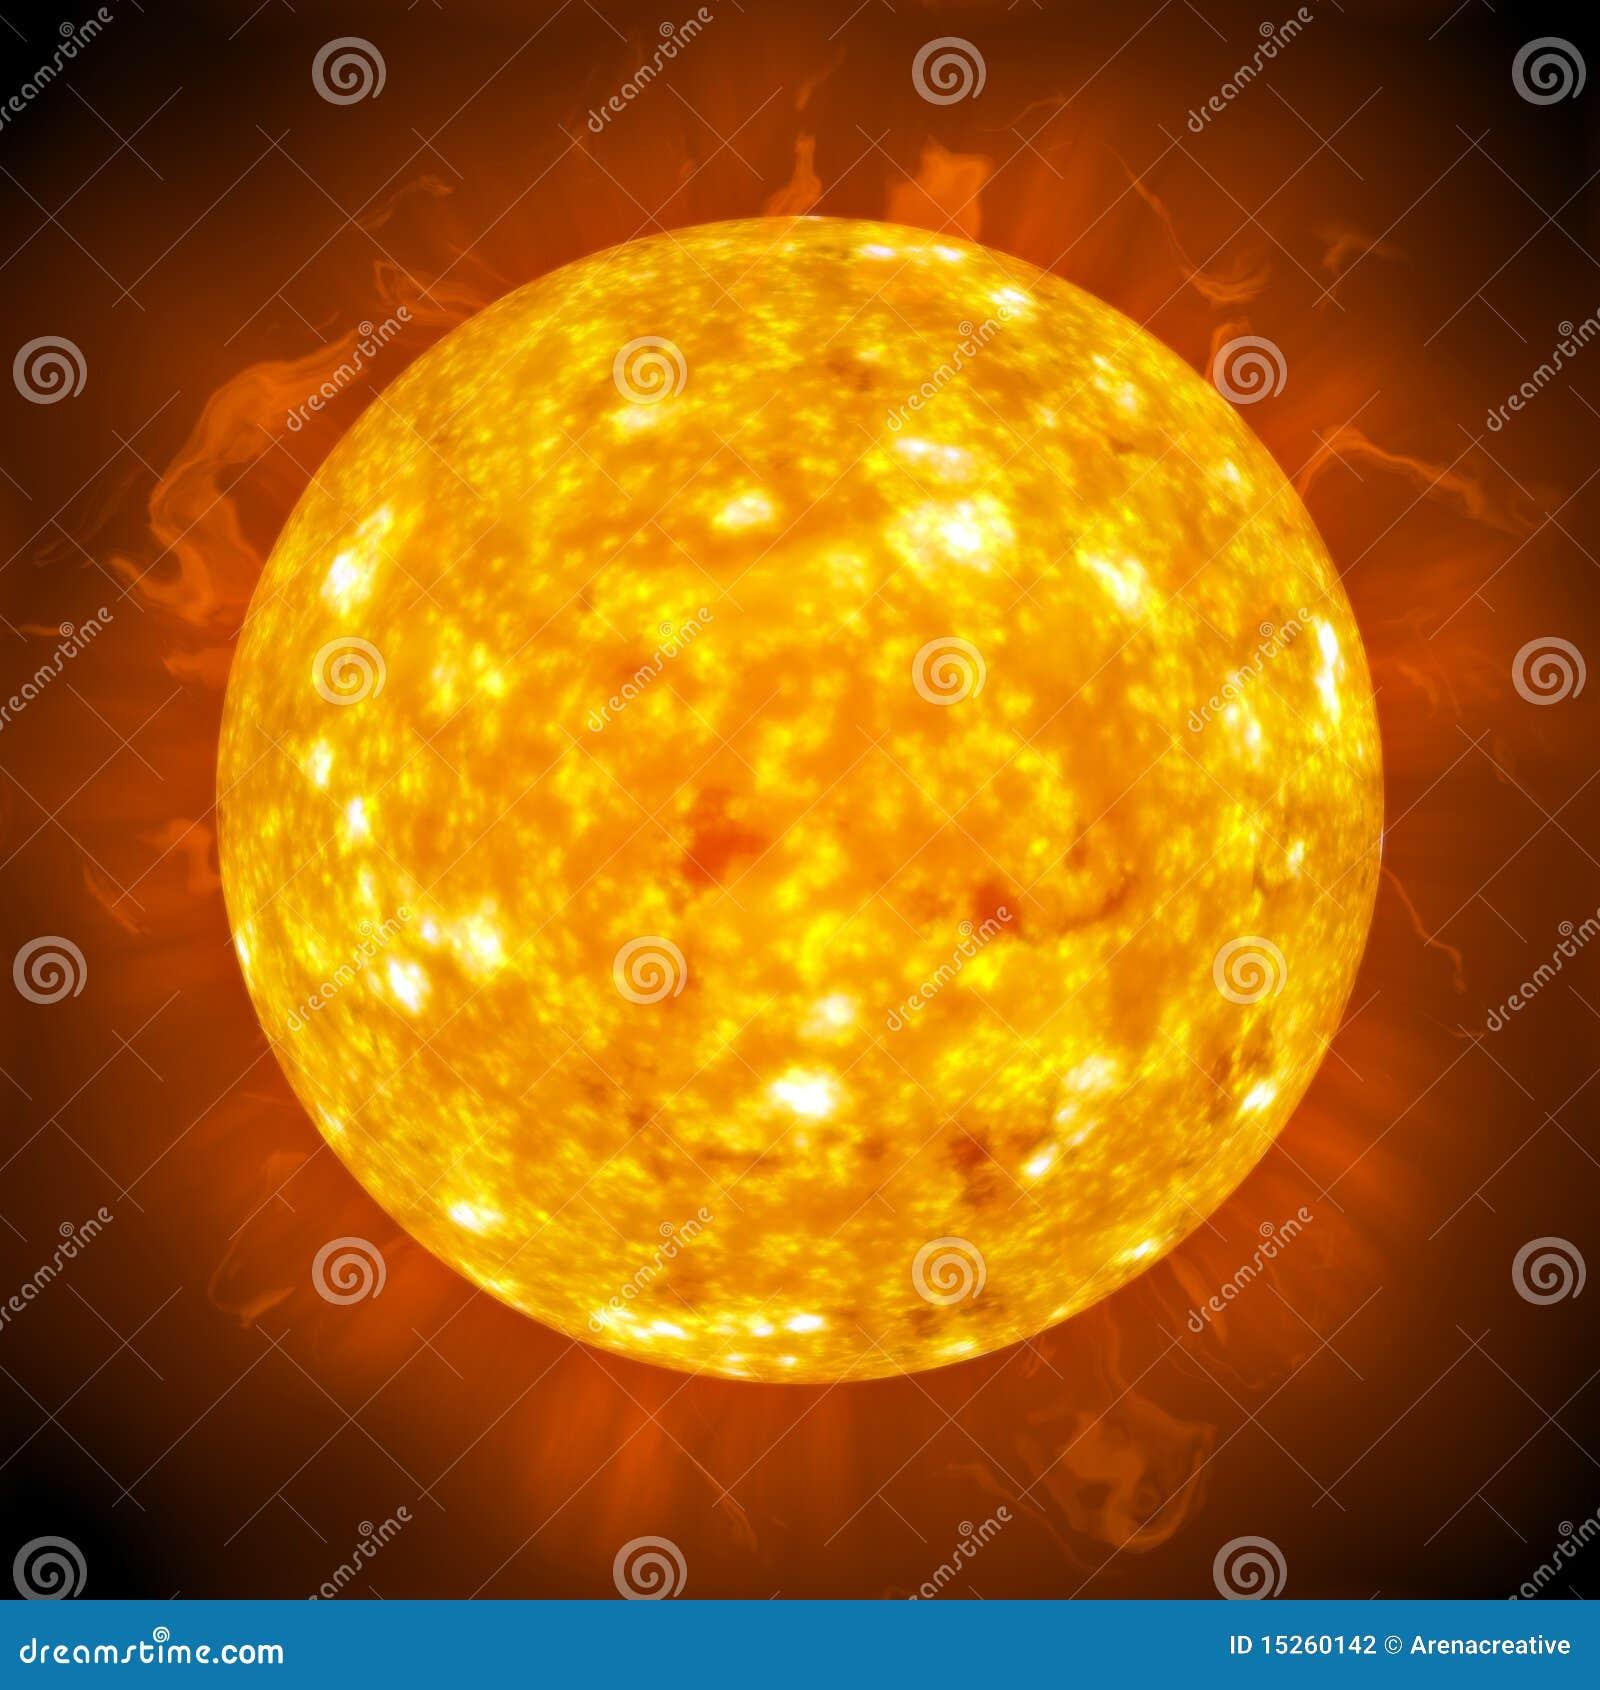 fiery glow burning sunset - photo #40